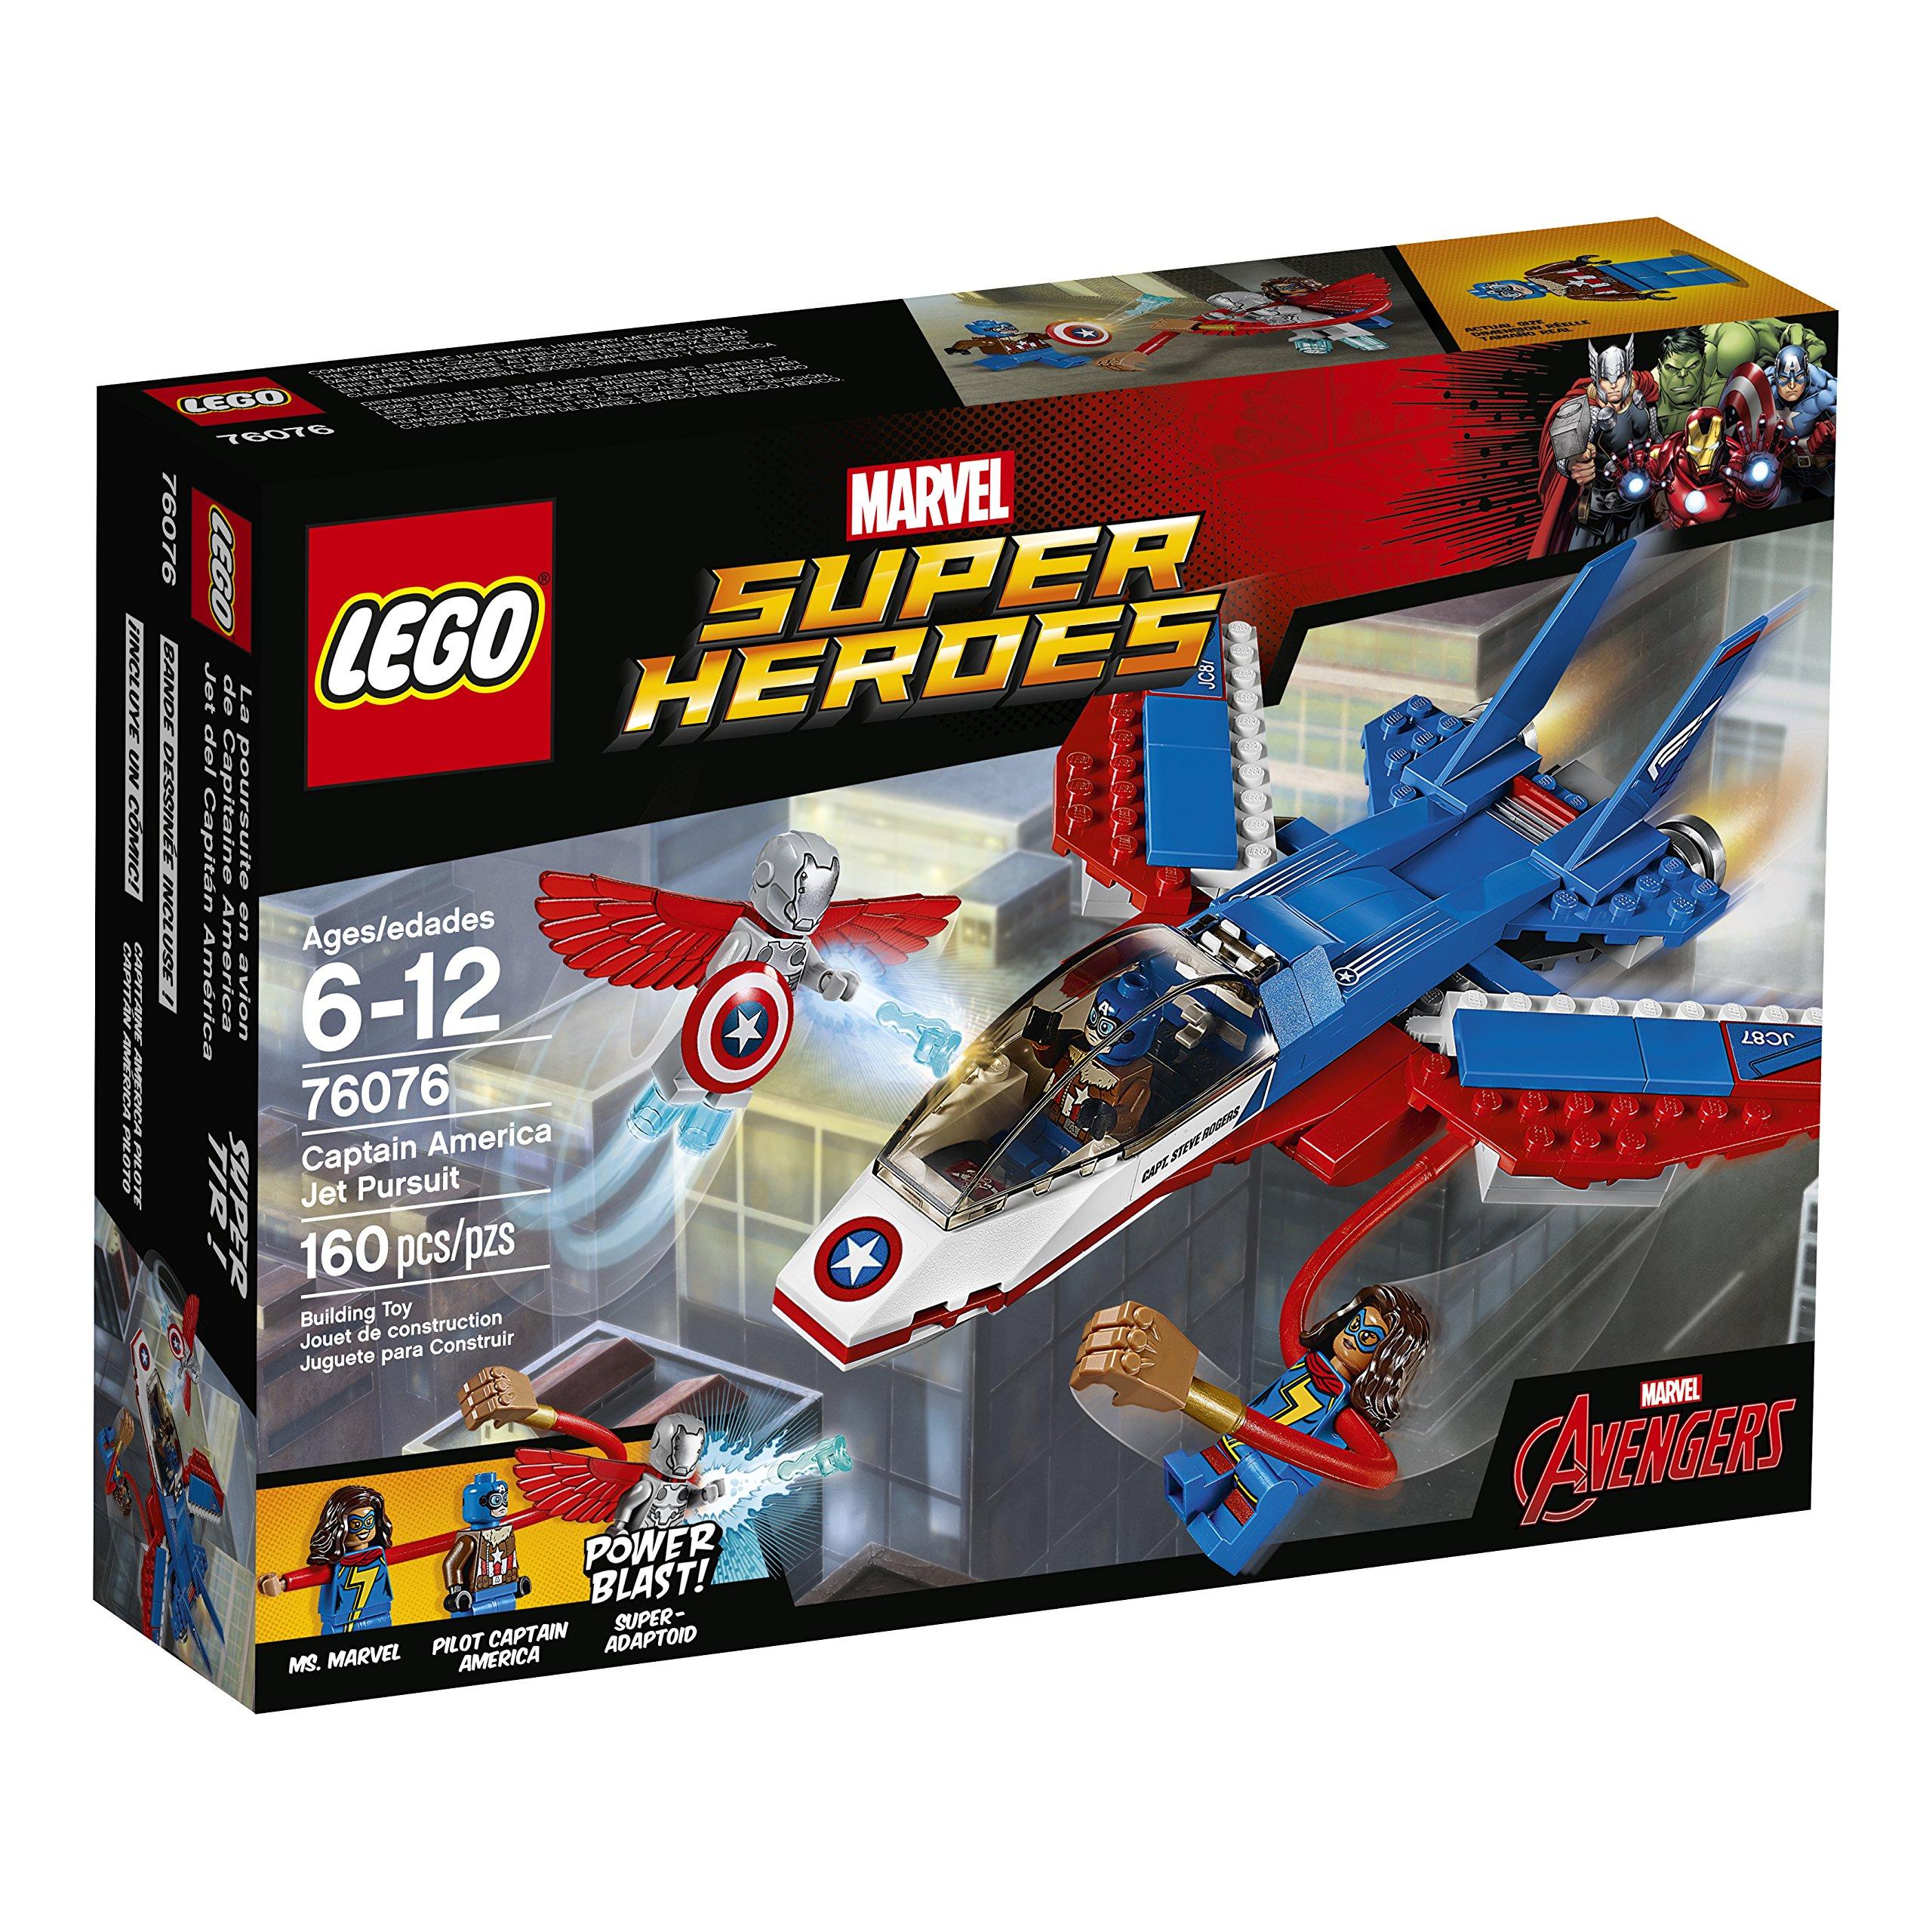 LEGO Super Heroes Captain America Jet Pursuit 76076 Building Kit (160 Pieces) by LEGO